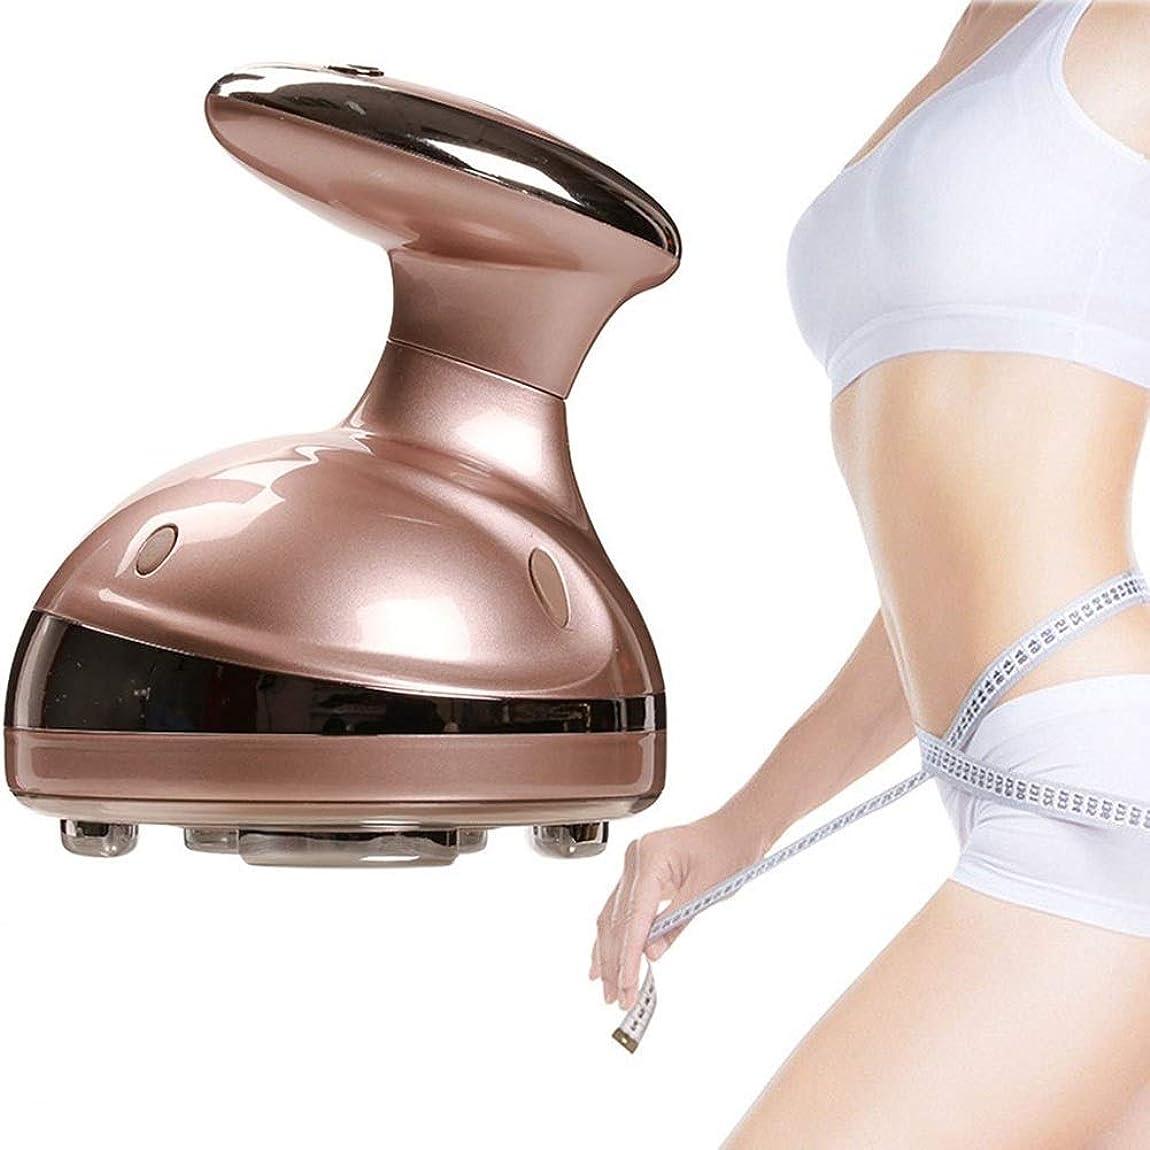 超音波脂肪除去機、RF脂肪燃焼振動整形美容器具脂肪除去体重減少デバイス、LEDフォトンアンチセルライト痩身ボディ美容院